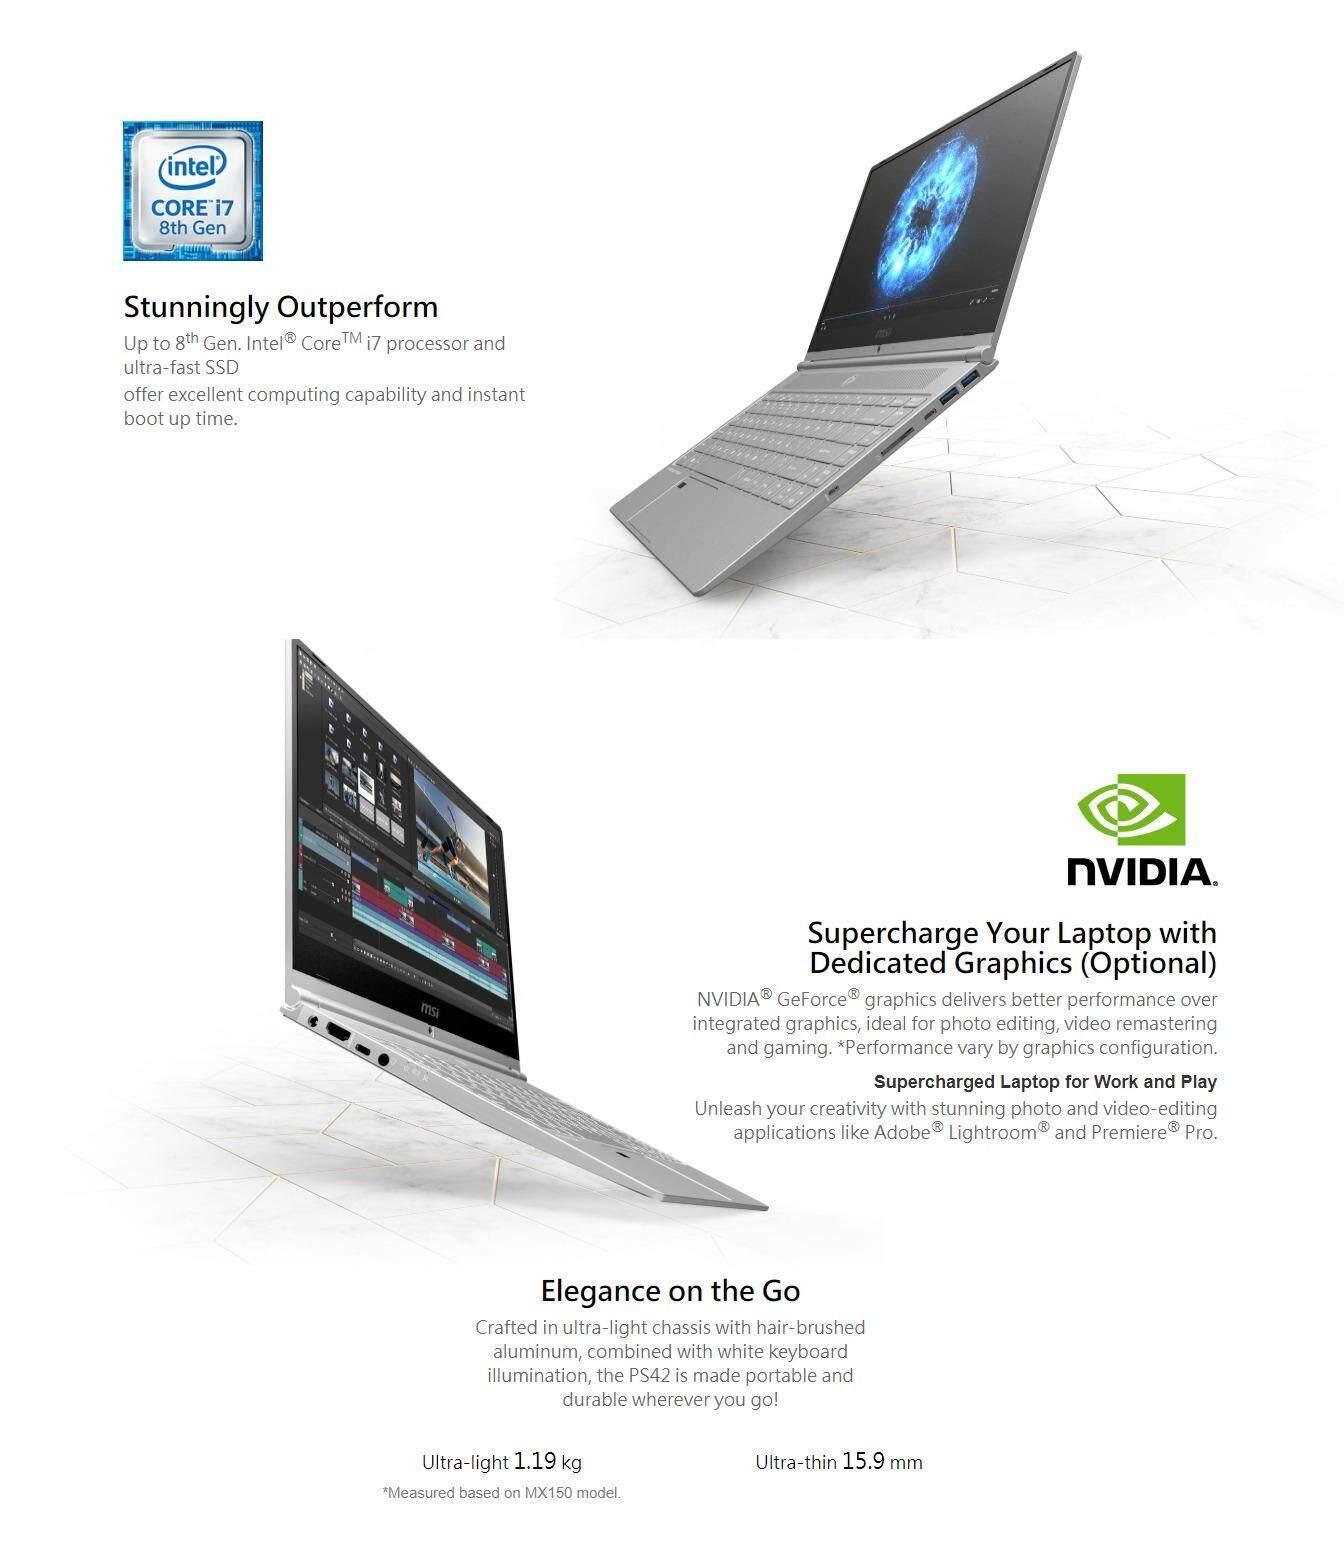 MSI Prestige PS42 8RB-431MY 14' Laptop (i7-8550U/MX150/16GB/256GB/W10) -  Silver